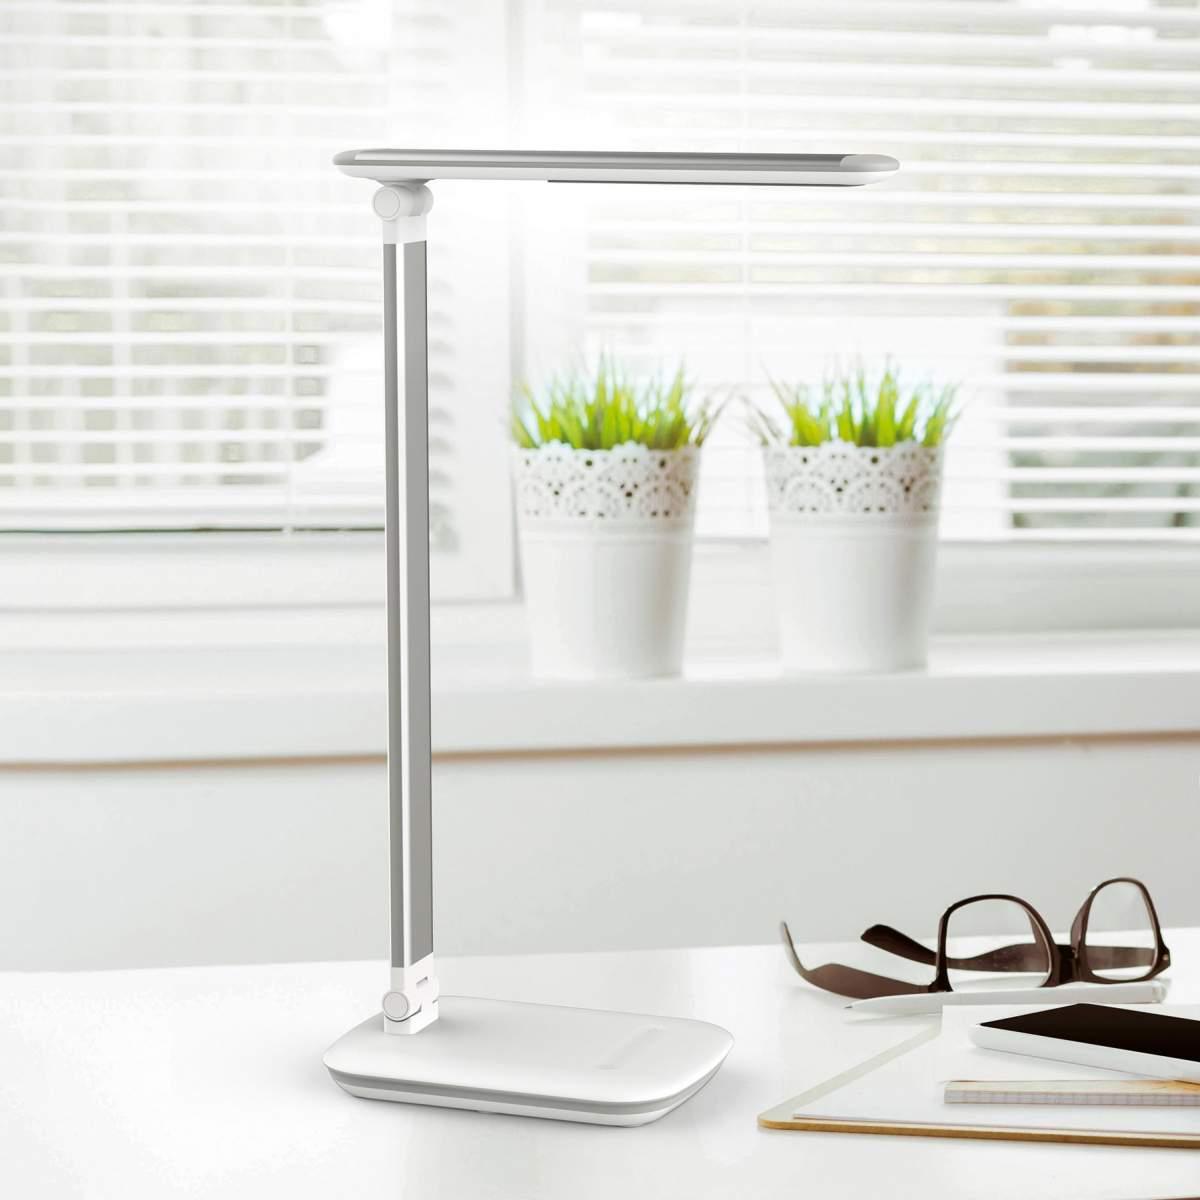 MAULjazzy - dimmbare LED-Schreibtischlampe